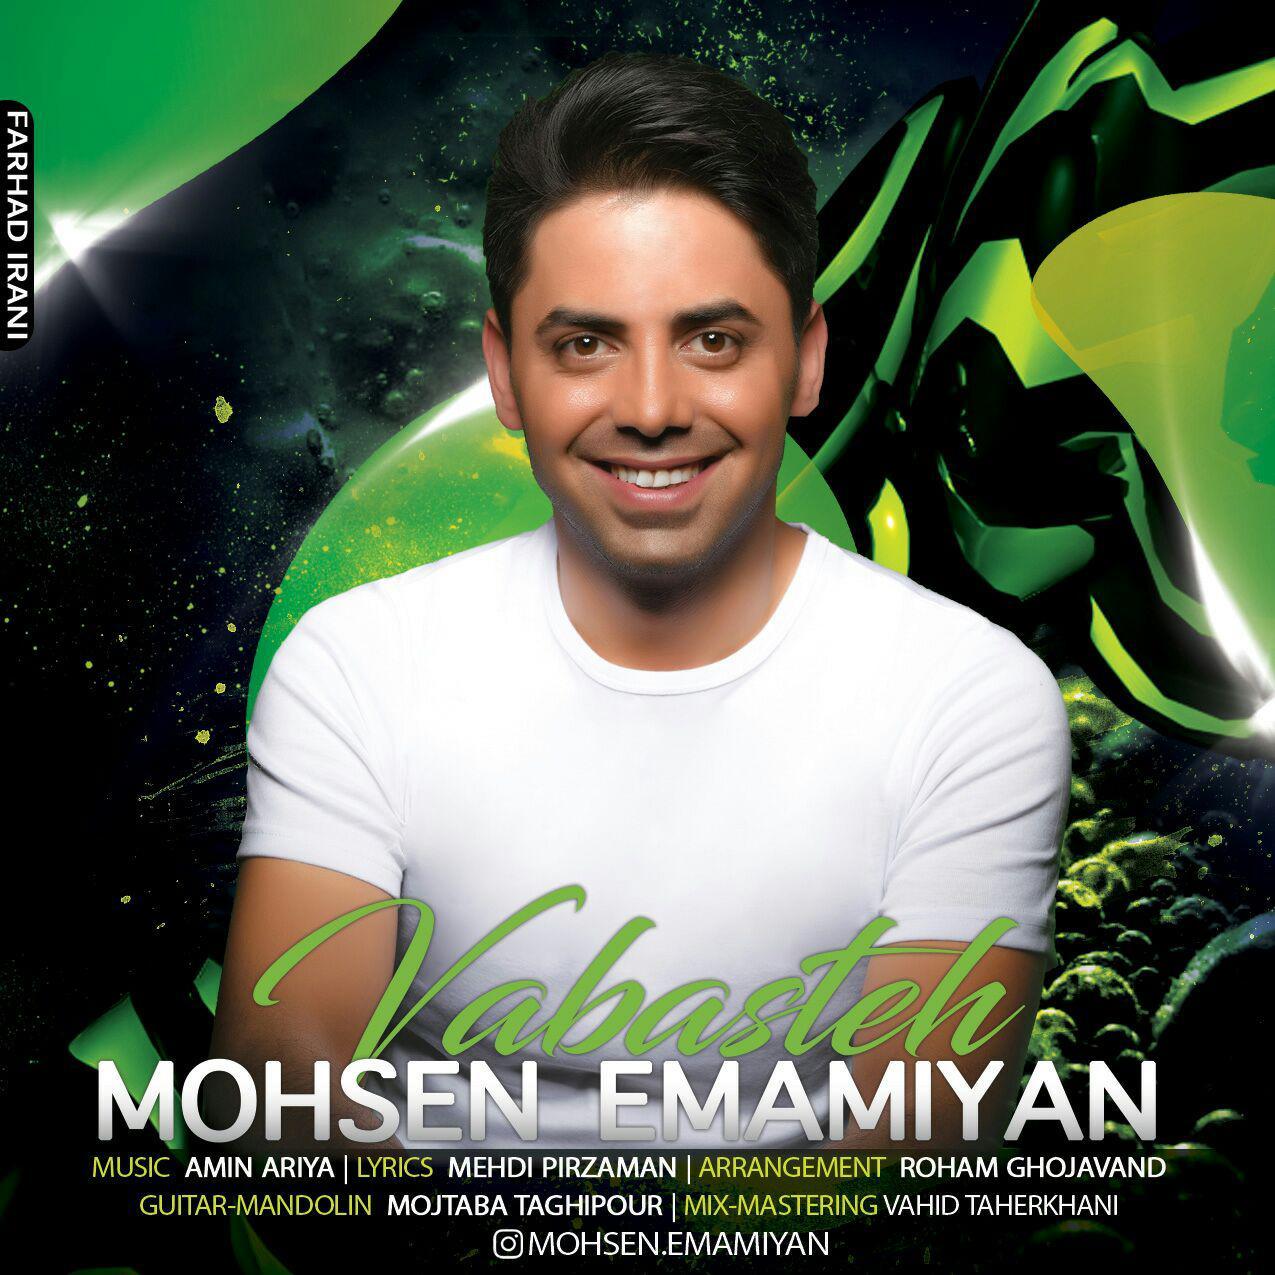 Mohsen Emamiyan – Vabasteh